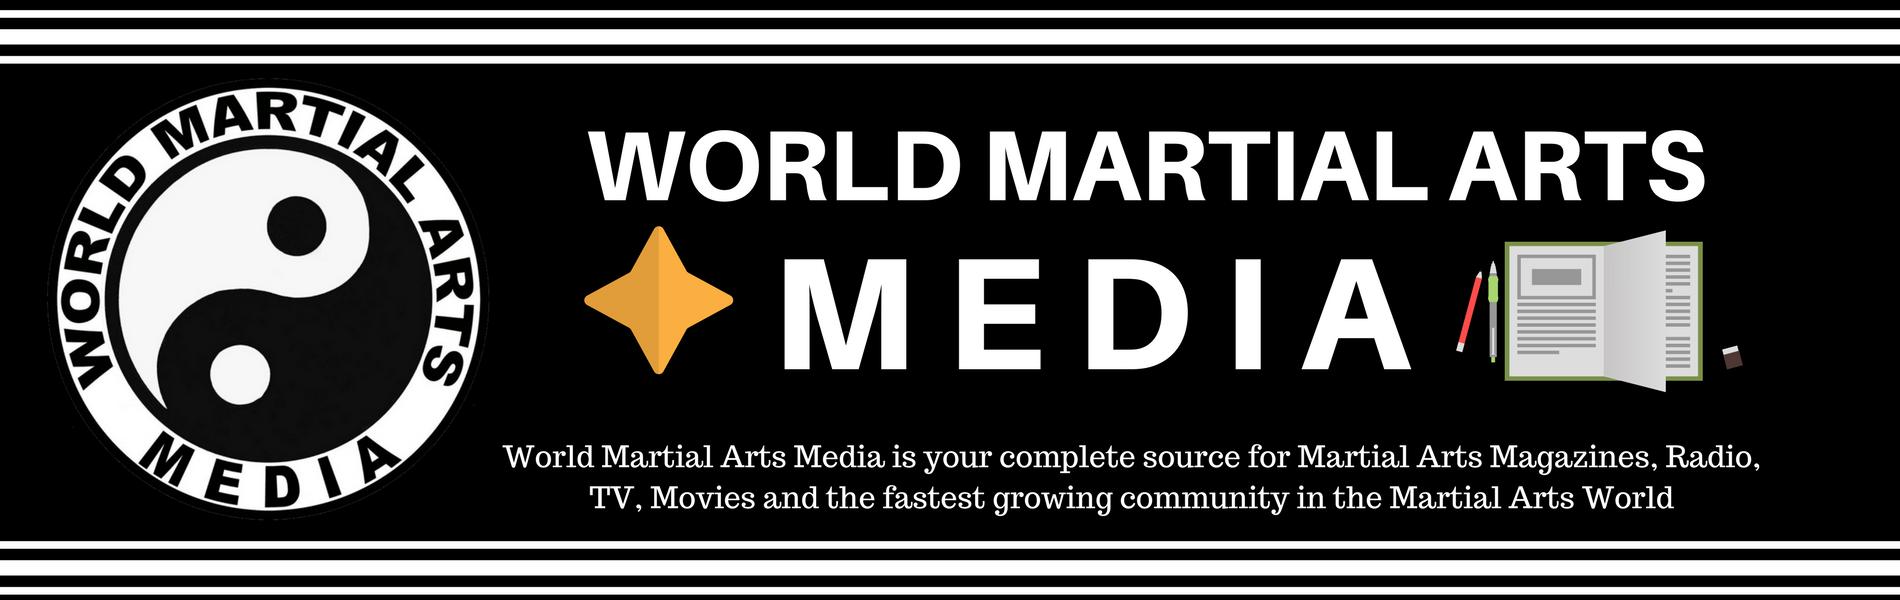 WORLD MARTIAL ARTS MEDIA